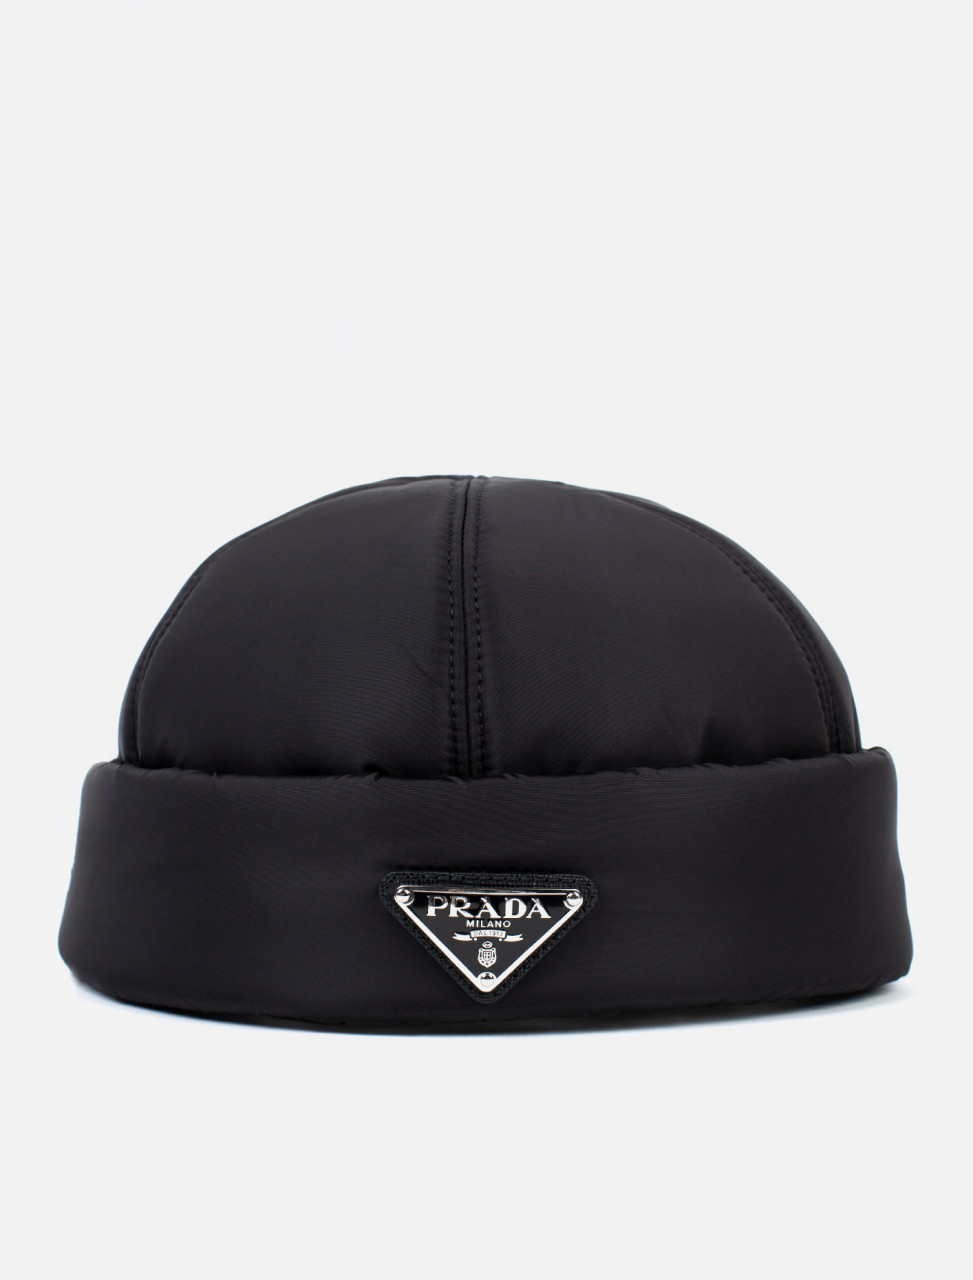 Padded Nylon Hat